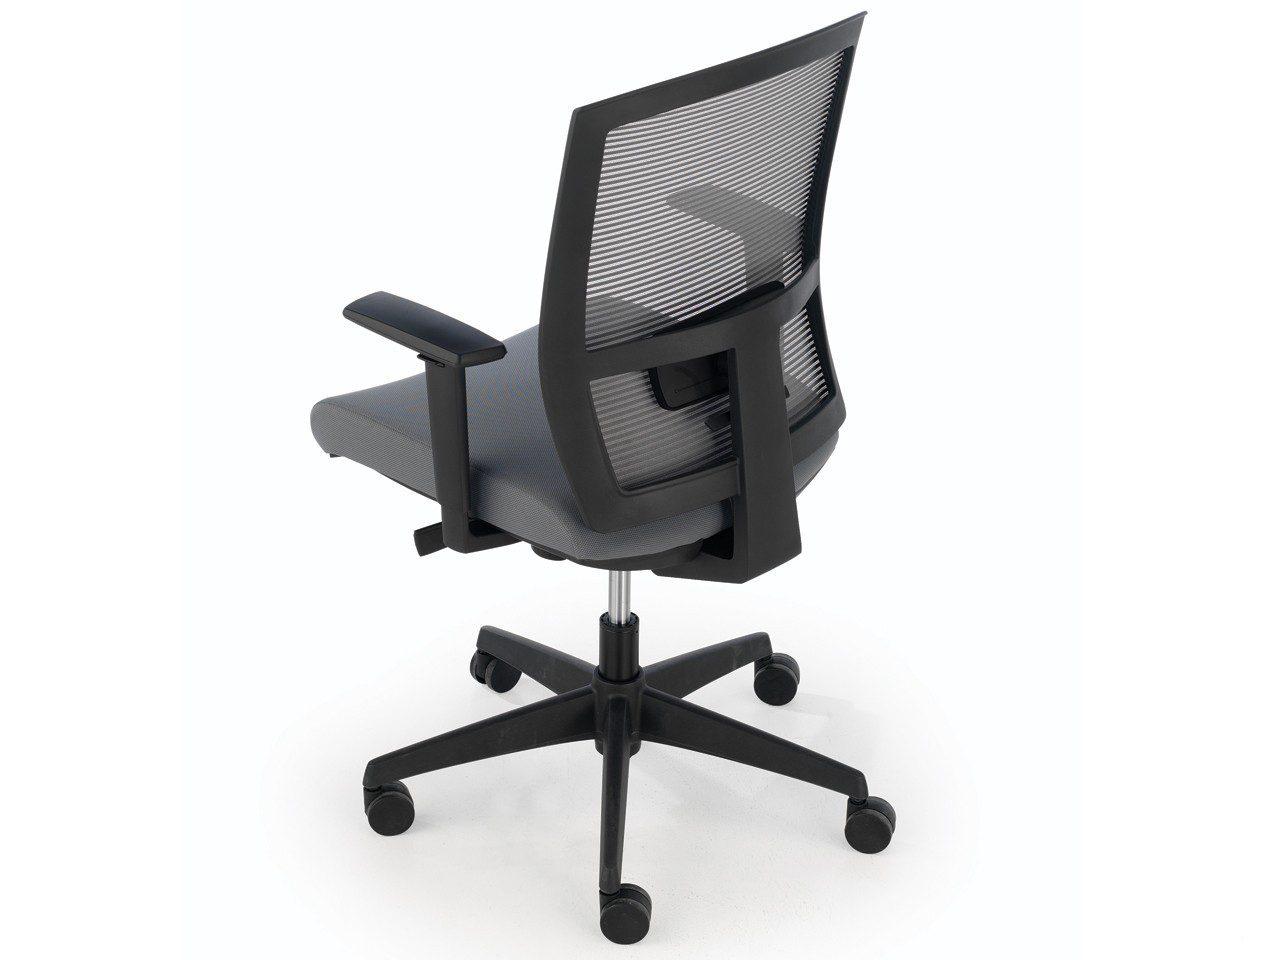 Silla escritorio kendo sillas de calidad muebles de for Silla de escritorio precio